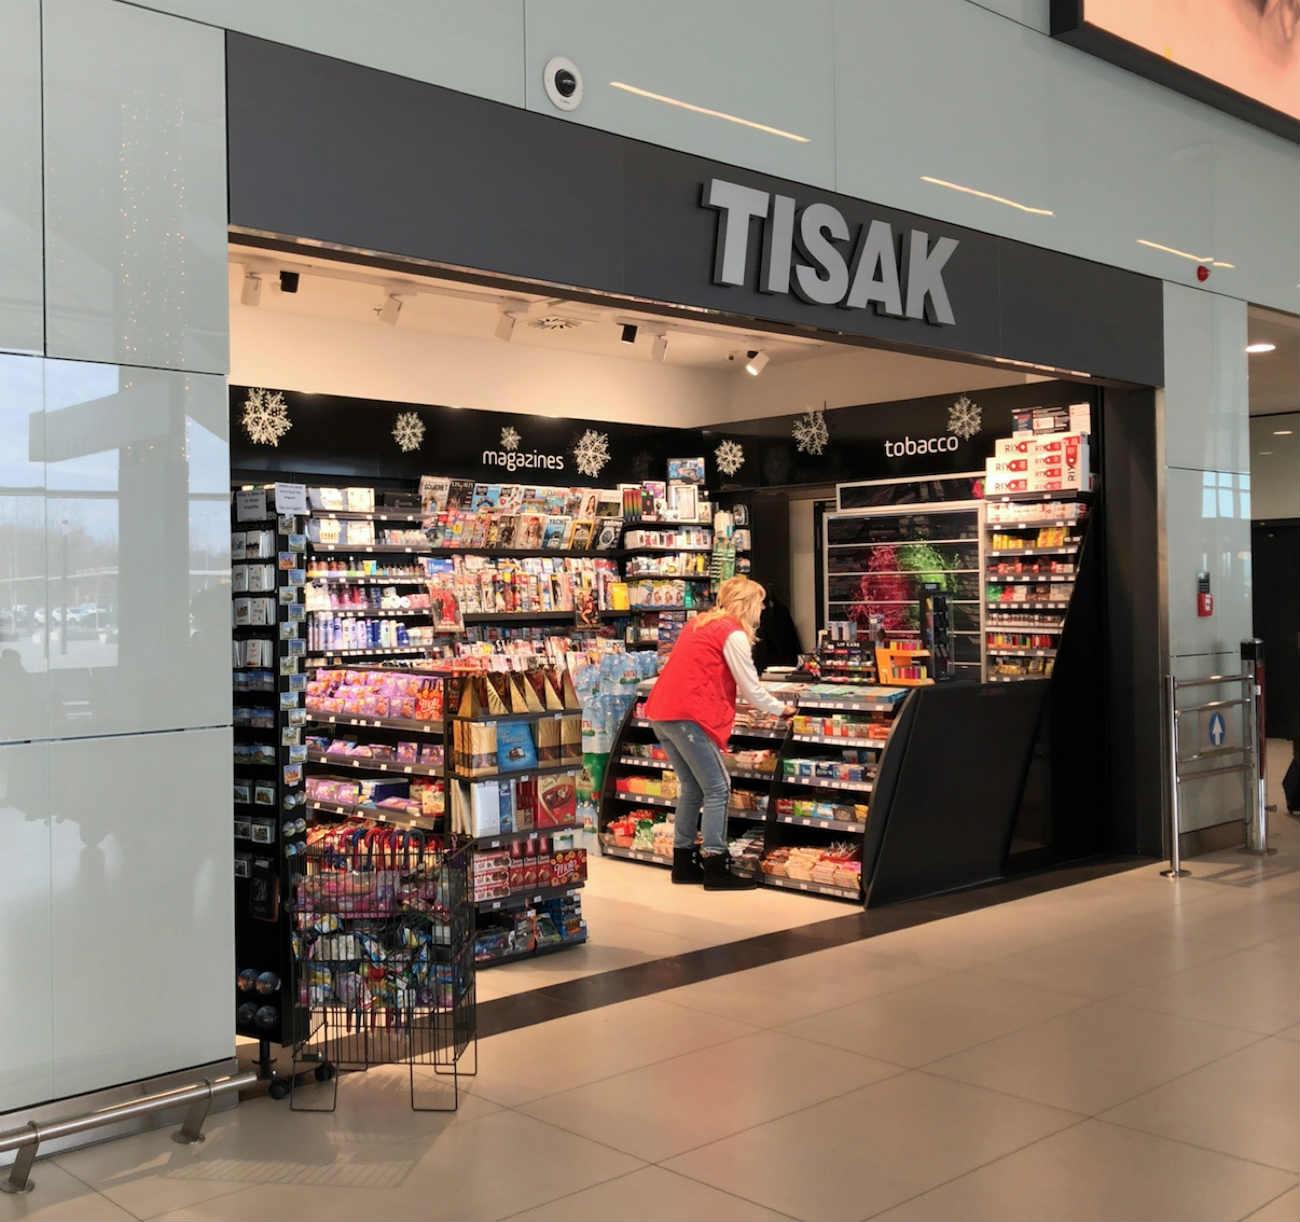 ザグレブ空港内のTISAK